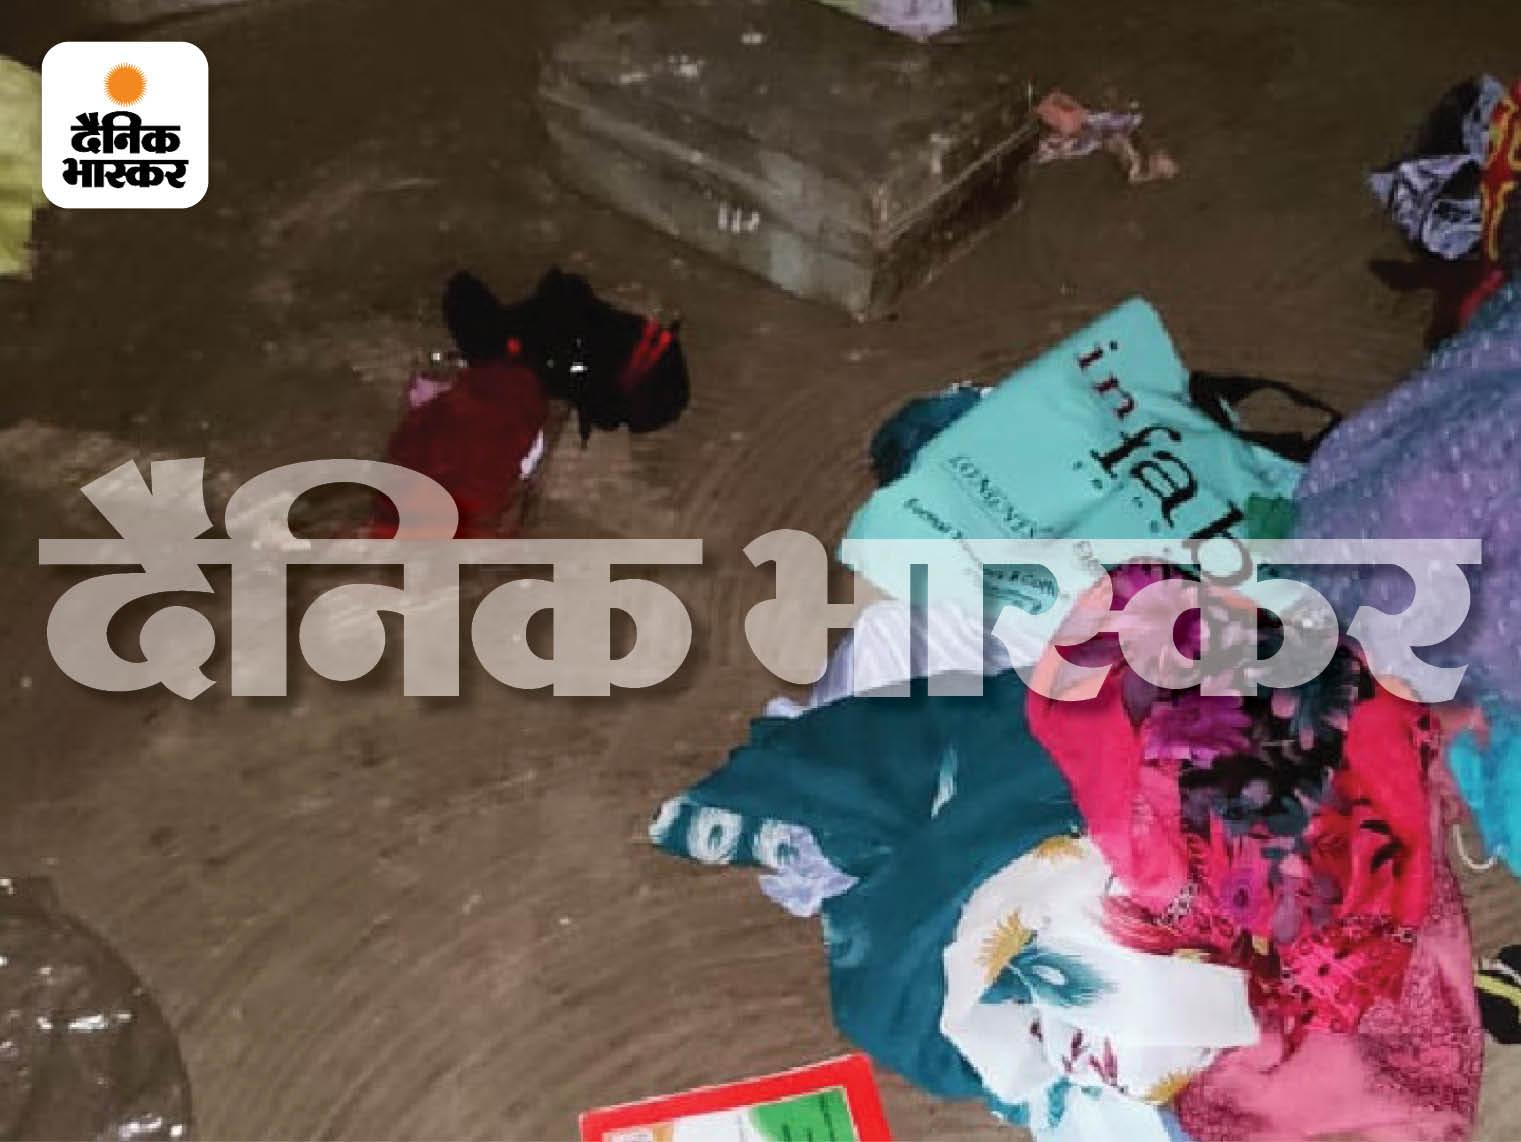 तीनों की गला रेत कर हत्या की गई थी। घर का सारा सामान भी बिखरा पड़ा था।